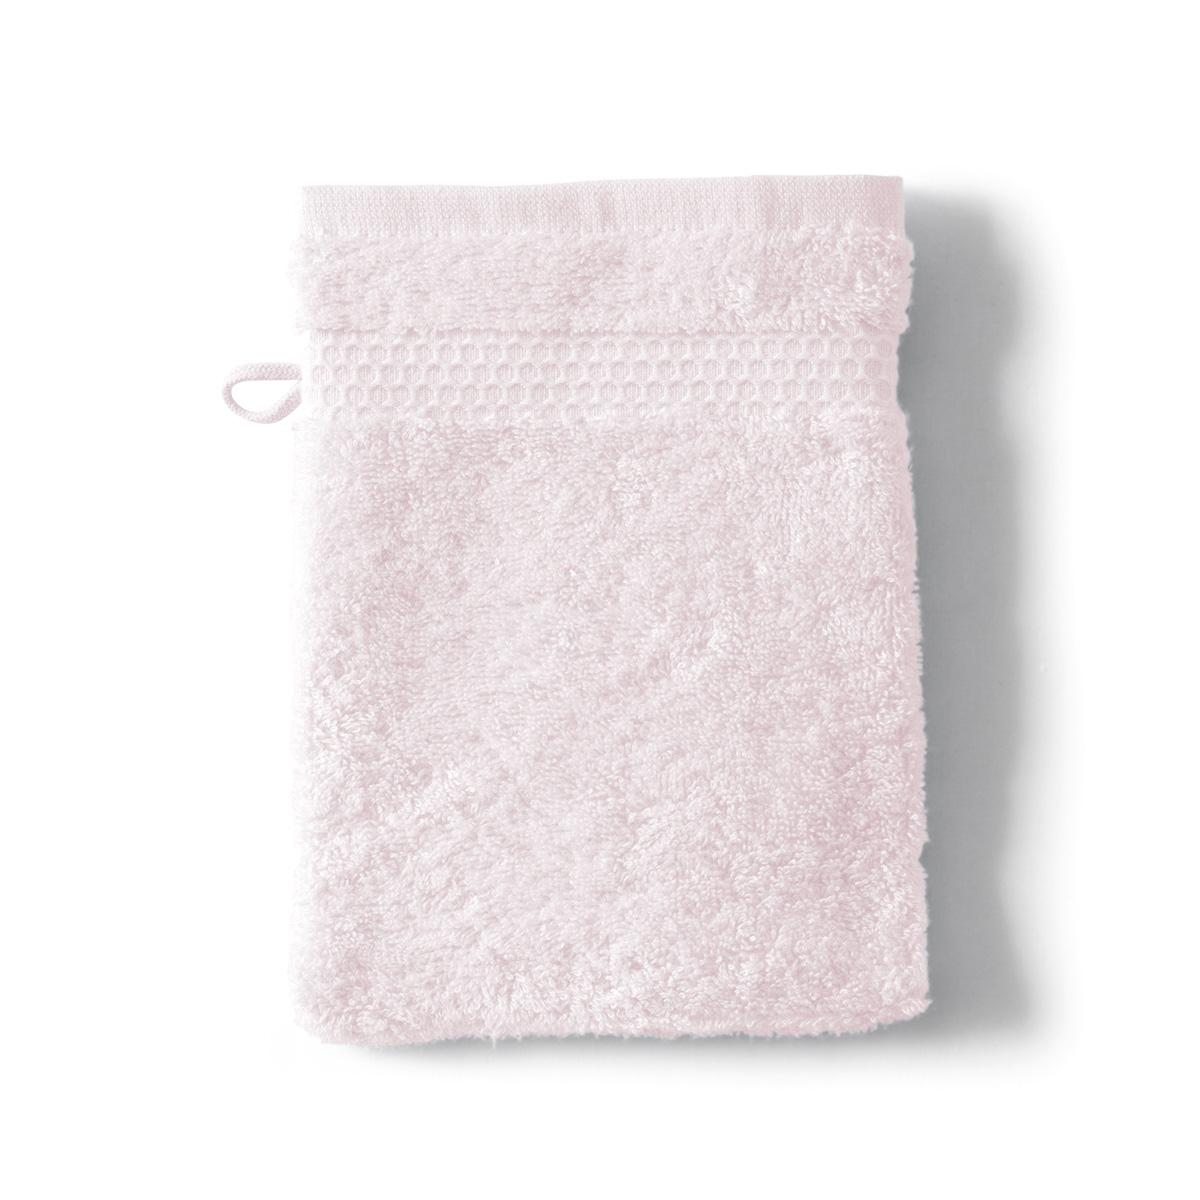 gant de toilette 600g serviette modal coton tradition des vosges. Black Bedroom Furniture Sets. Home Design Ideas